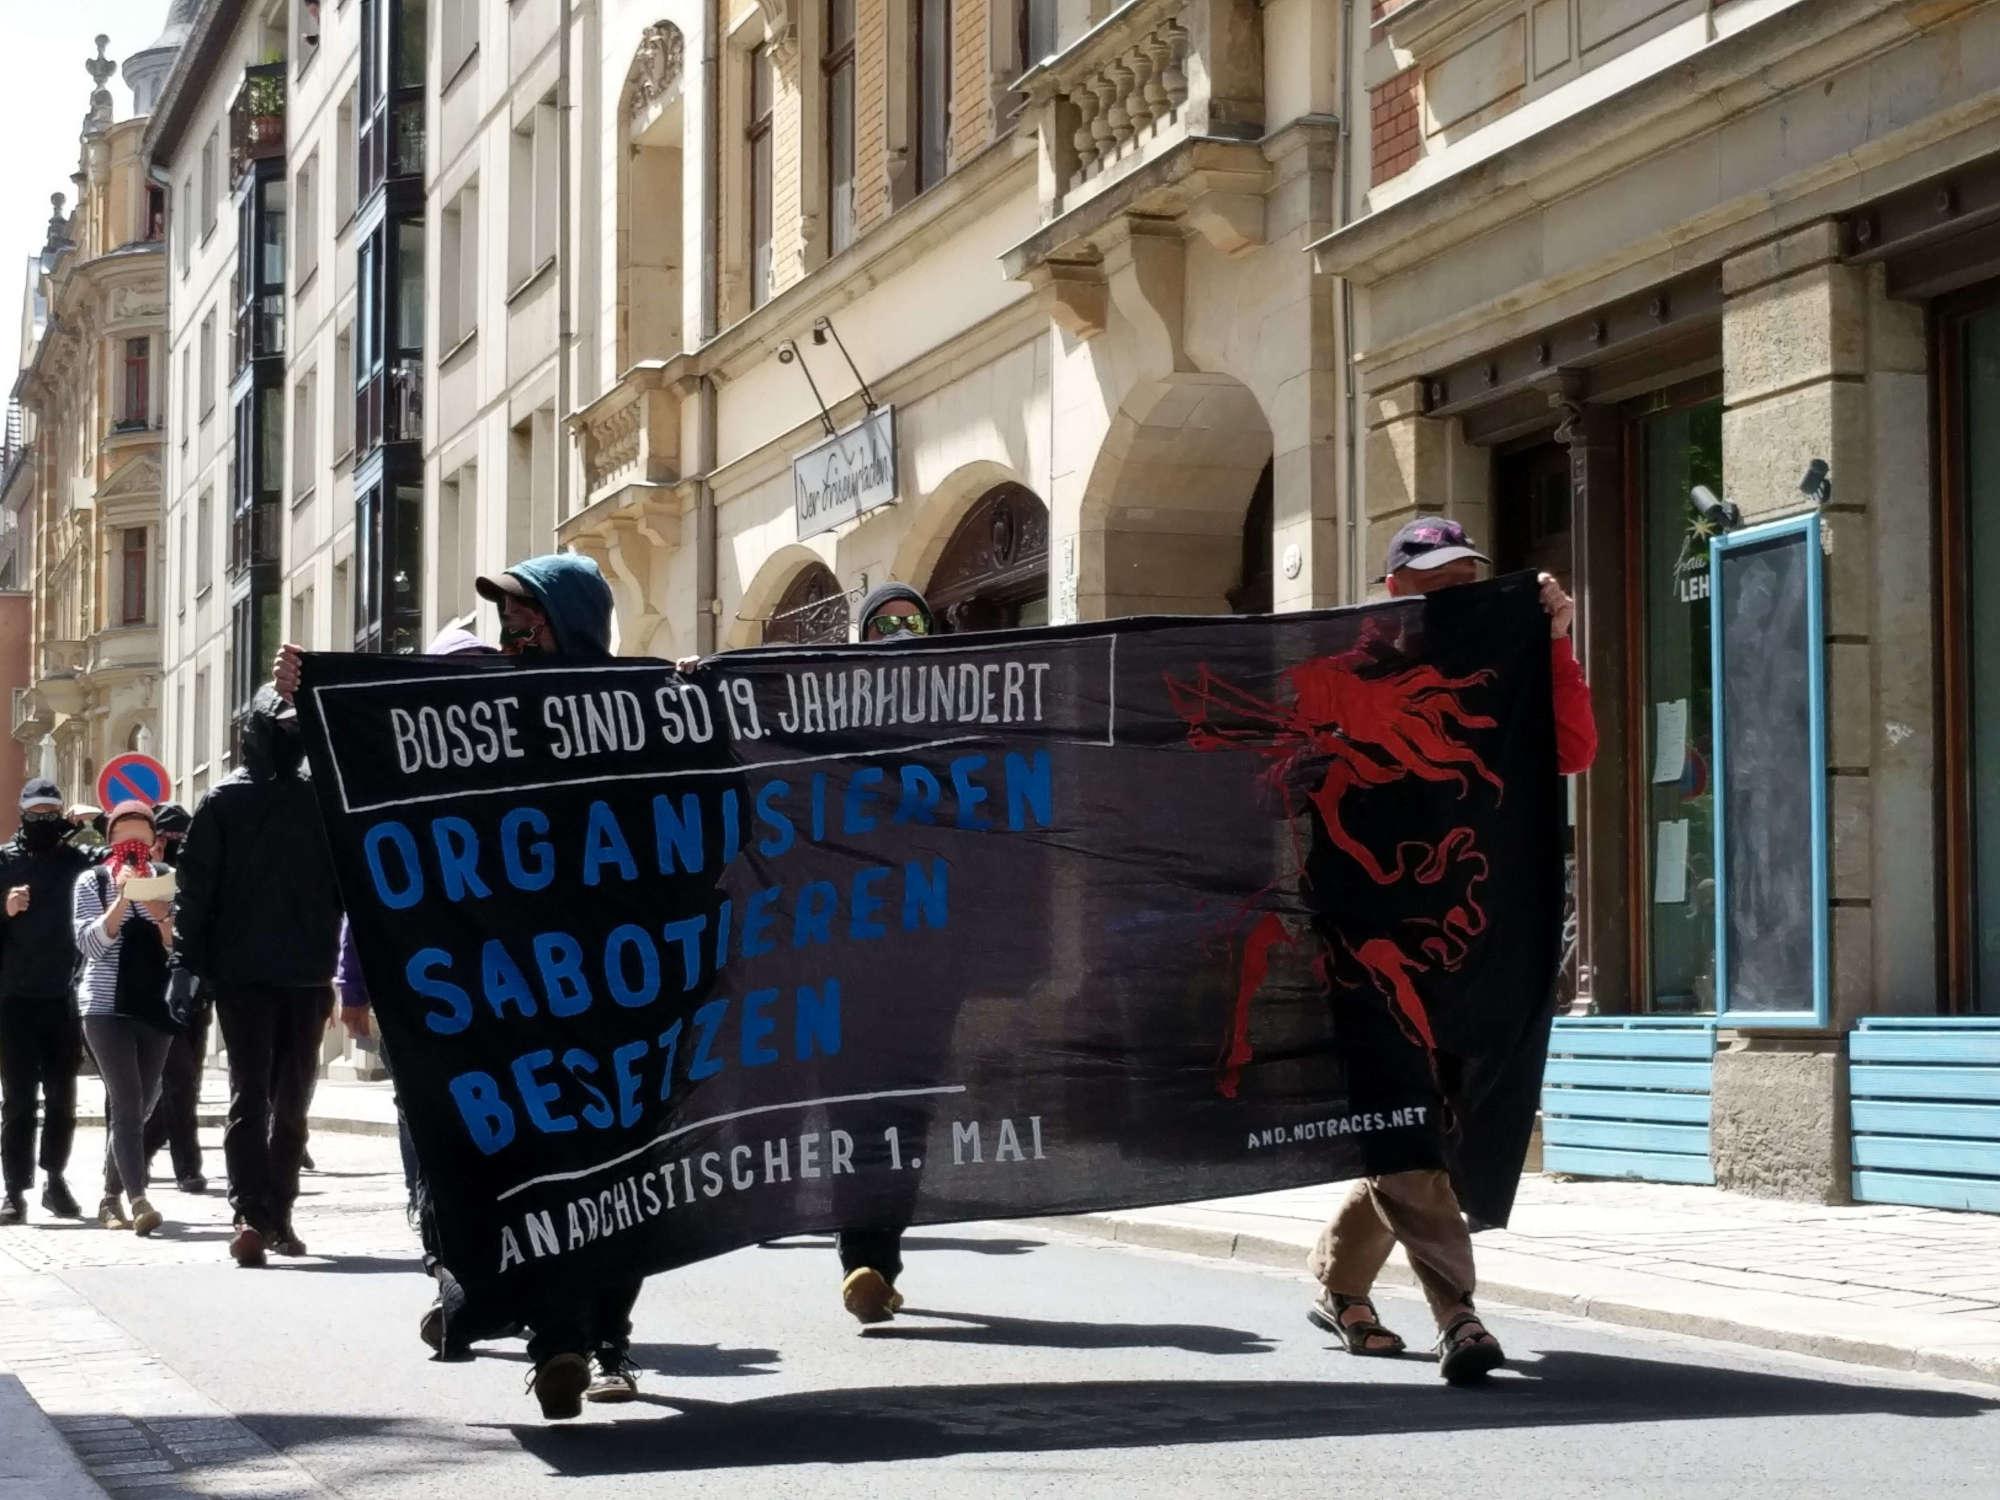 Anarchistischer 1. Mai in Dresden